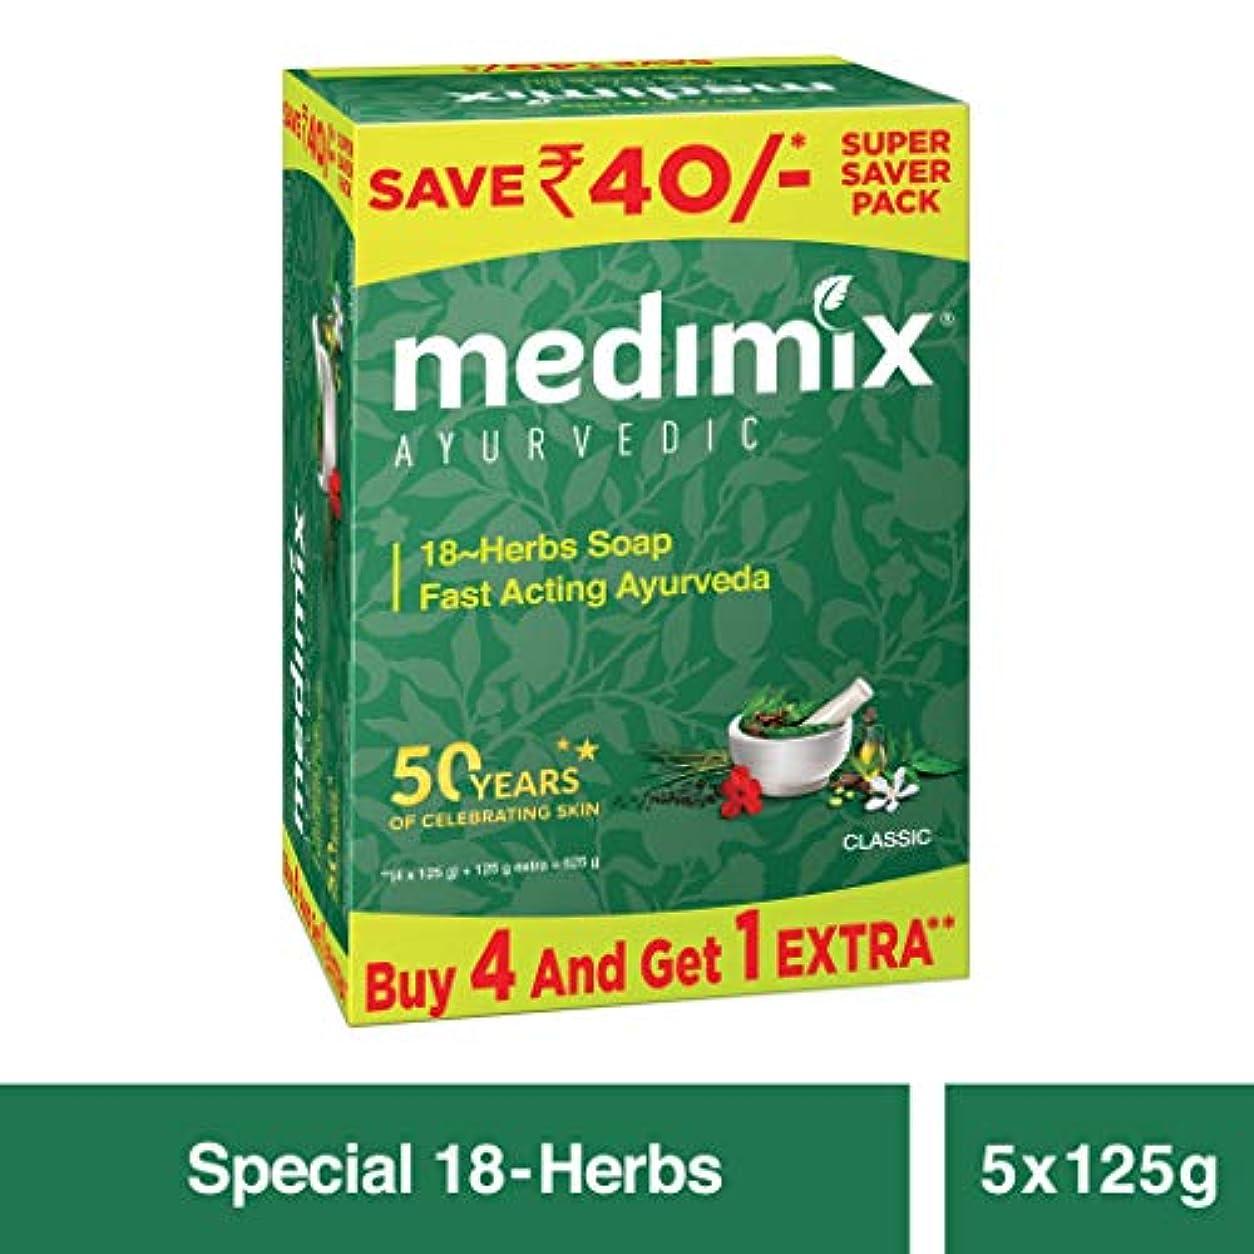 消去小道具私たちのMedimix Ayurvedic Classic 18 Herbs Soap, 125g (4+1 Super Saver Pack, Save Rs.40)